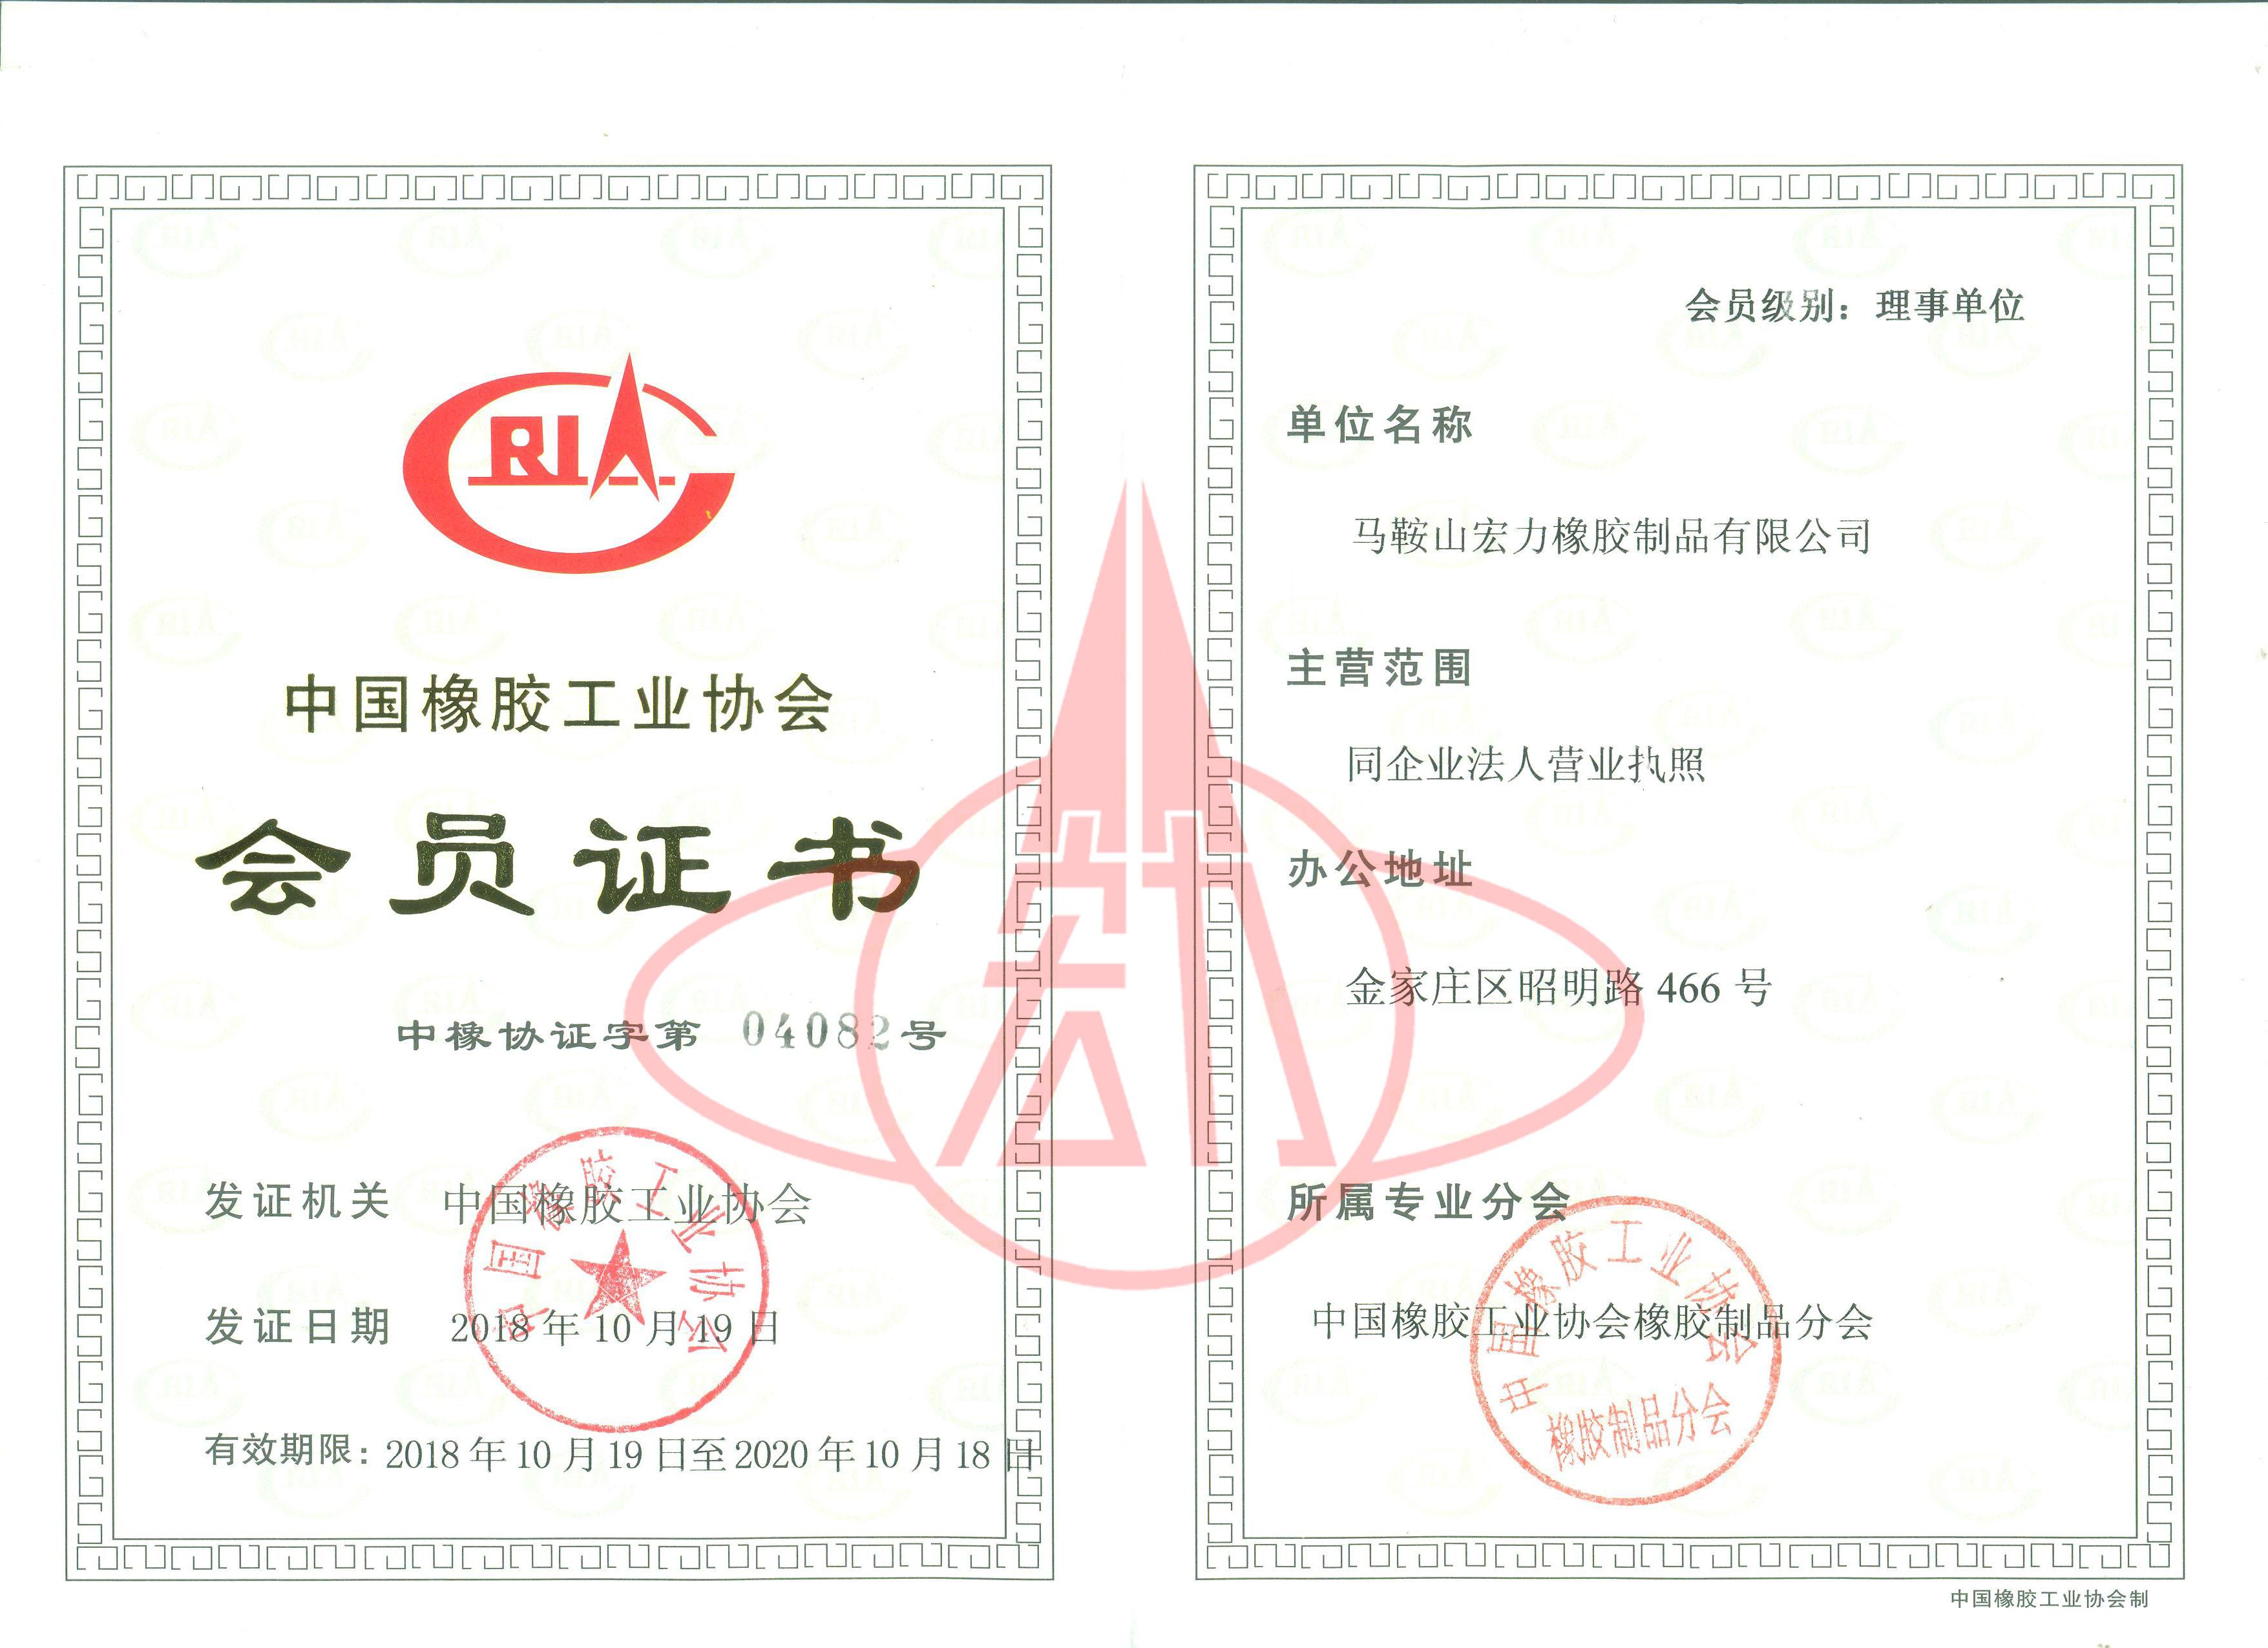 2018-2020橡胶协会理事单位